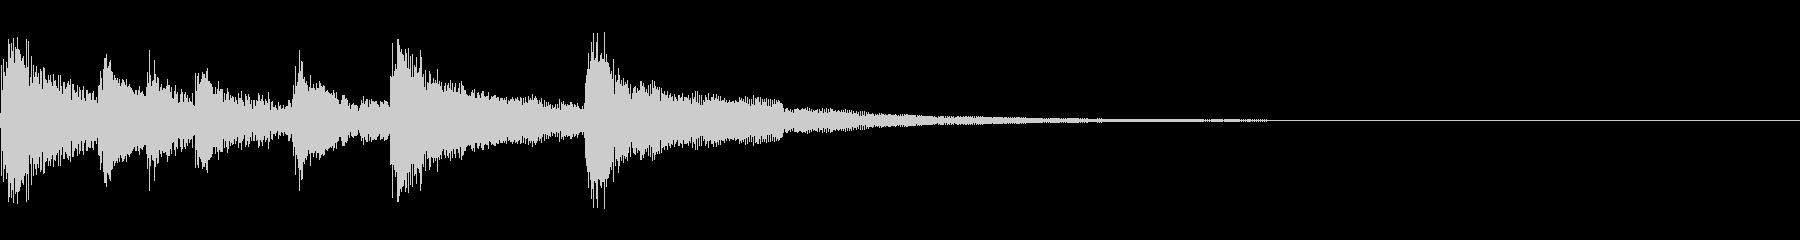 タンタカタンタン、タン♩タン♩の未再生の波形